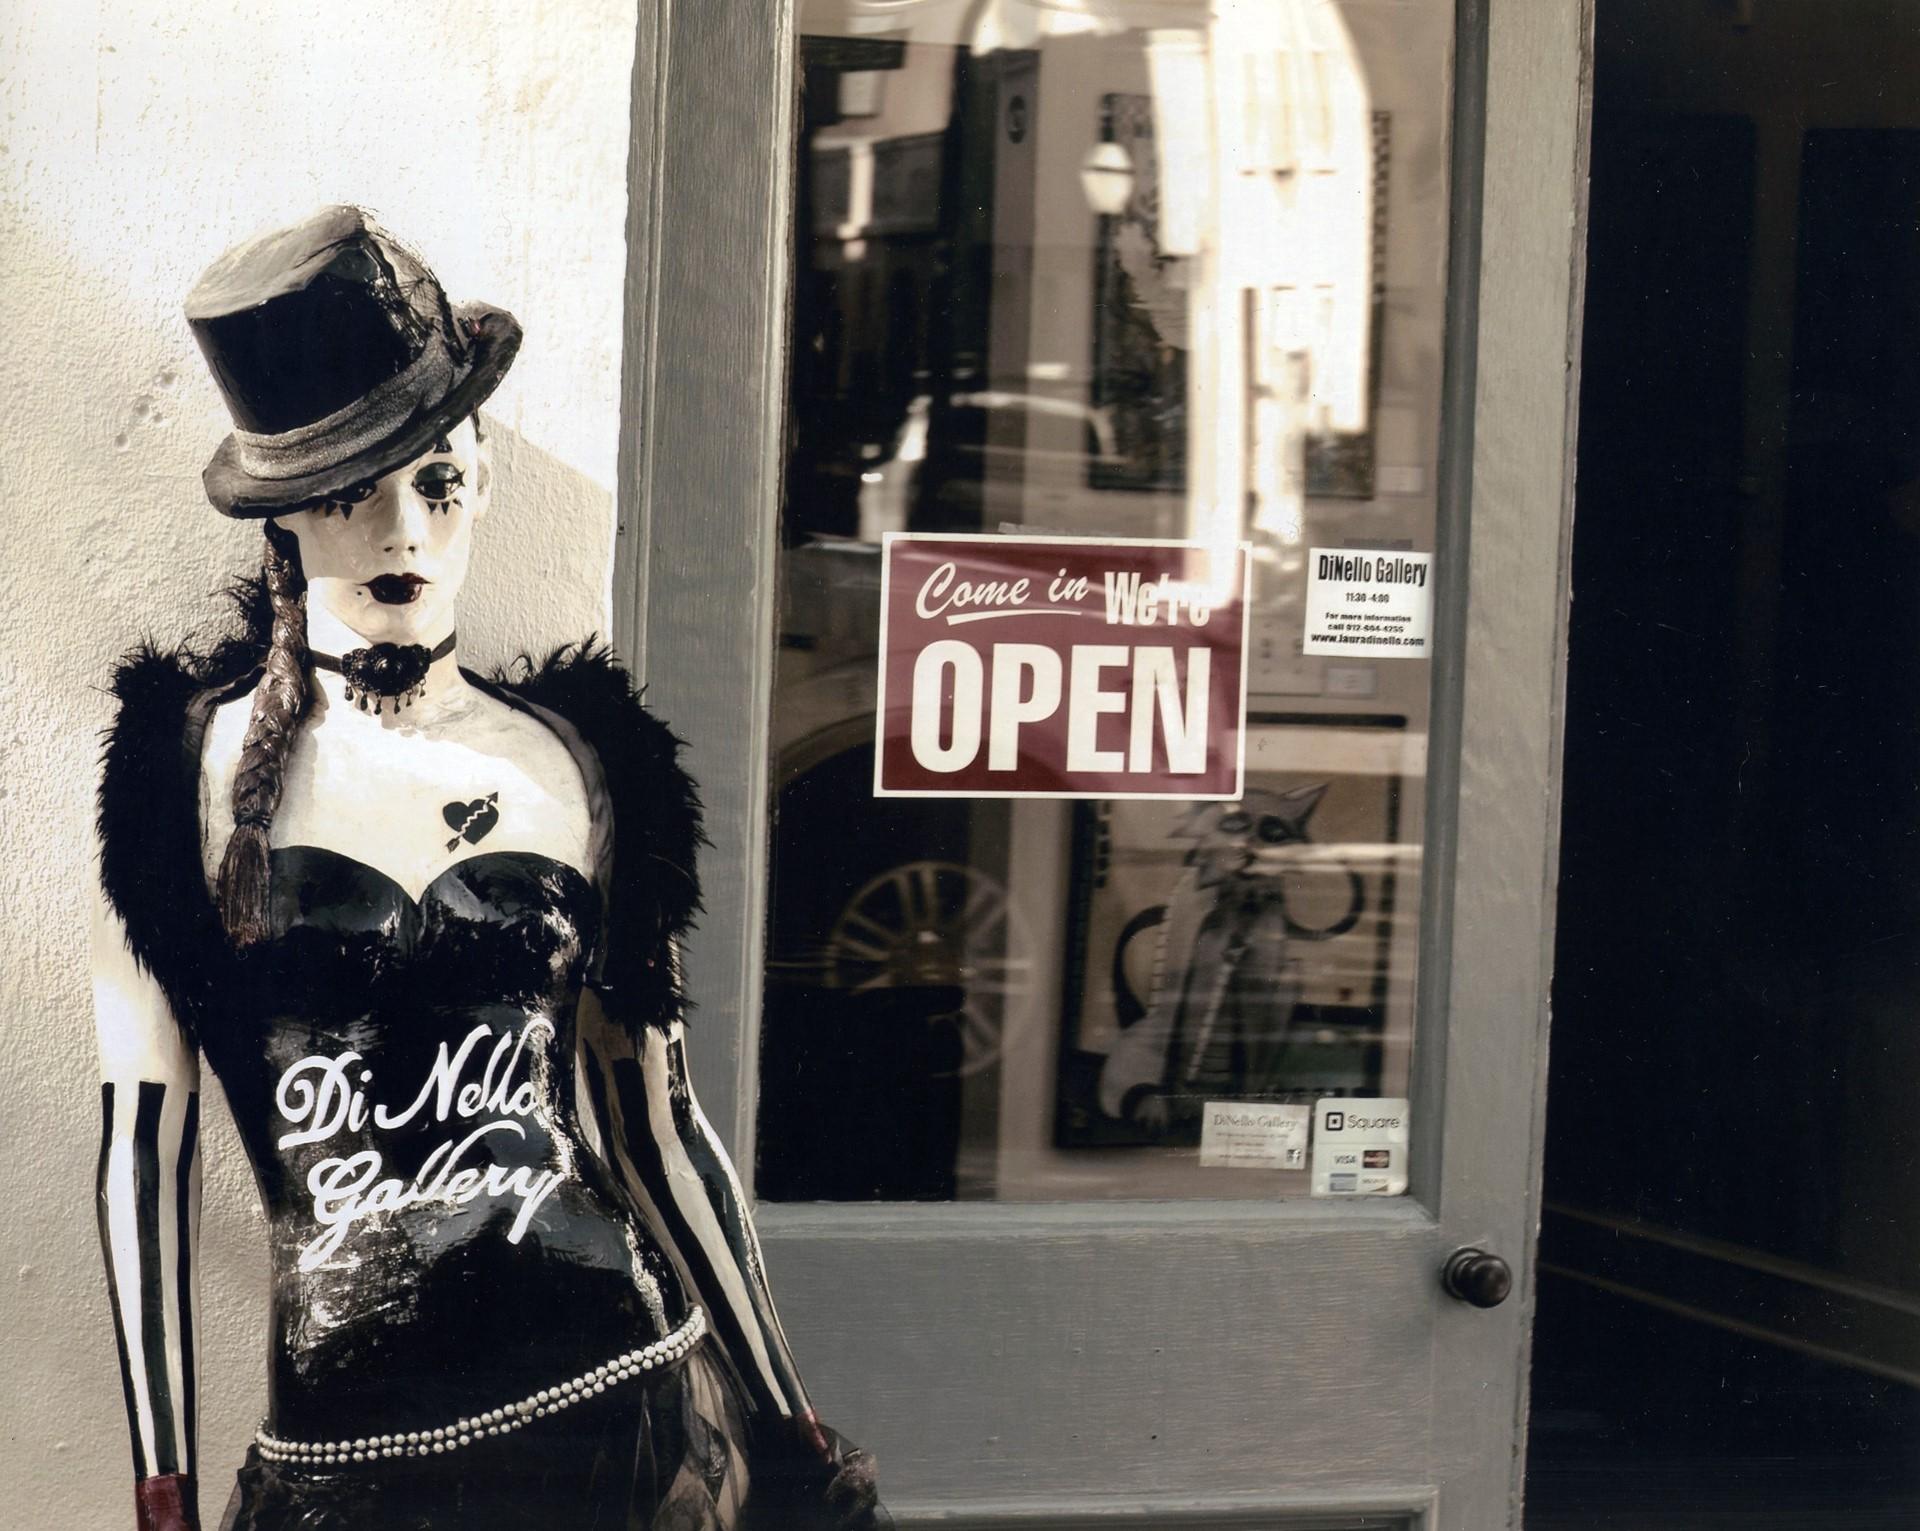 Gabriella Lemieux - We're Open